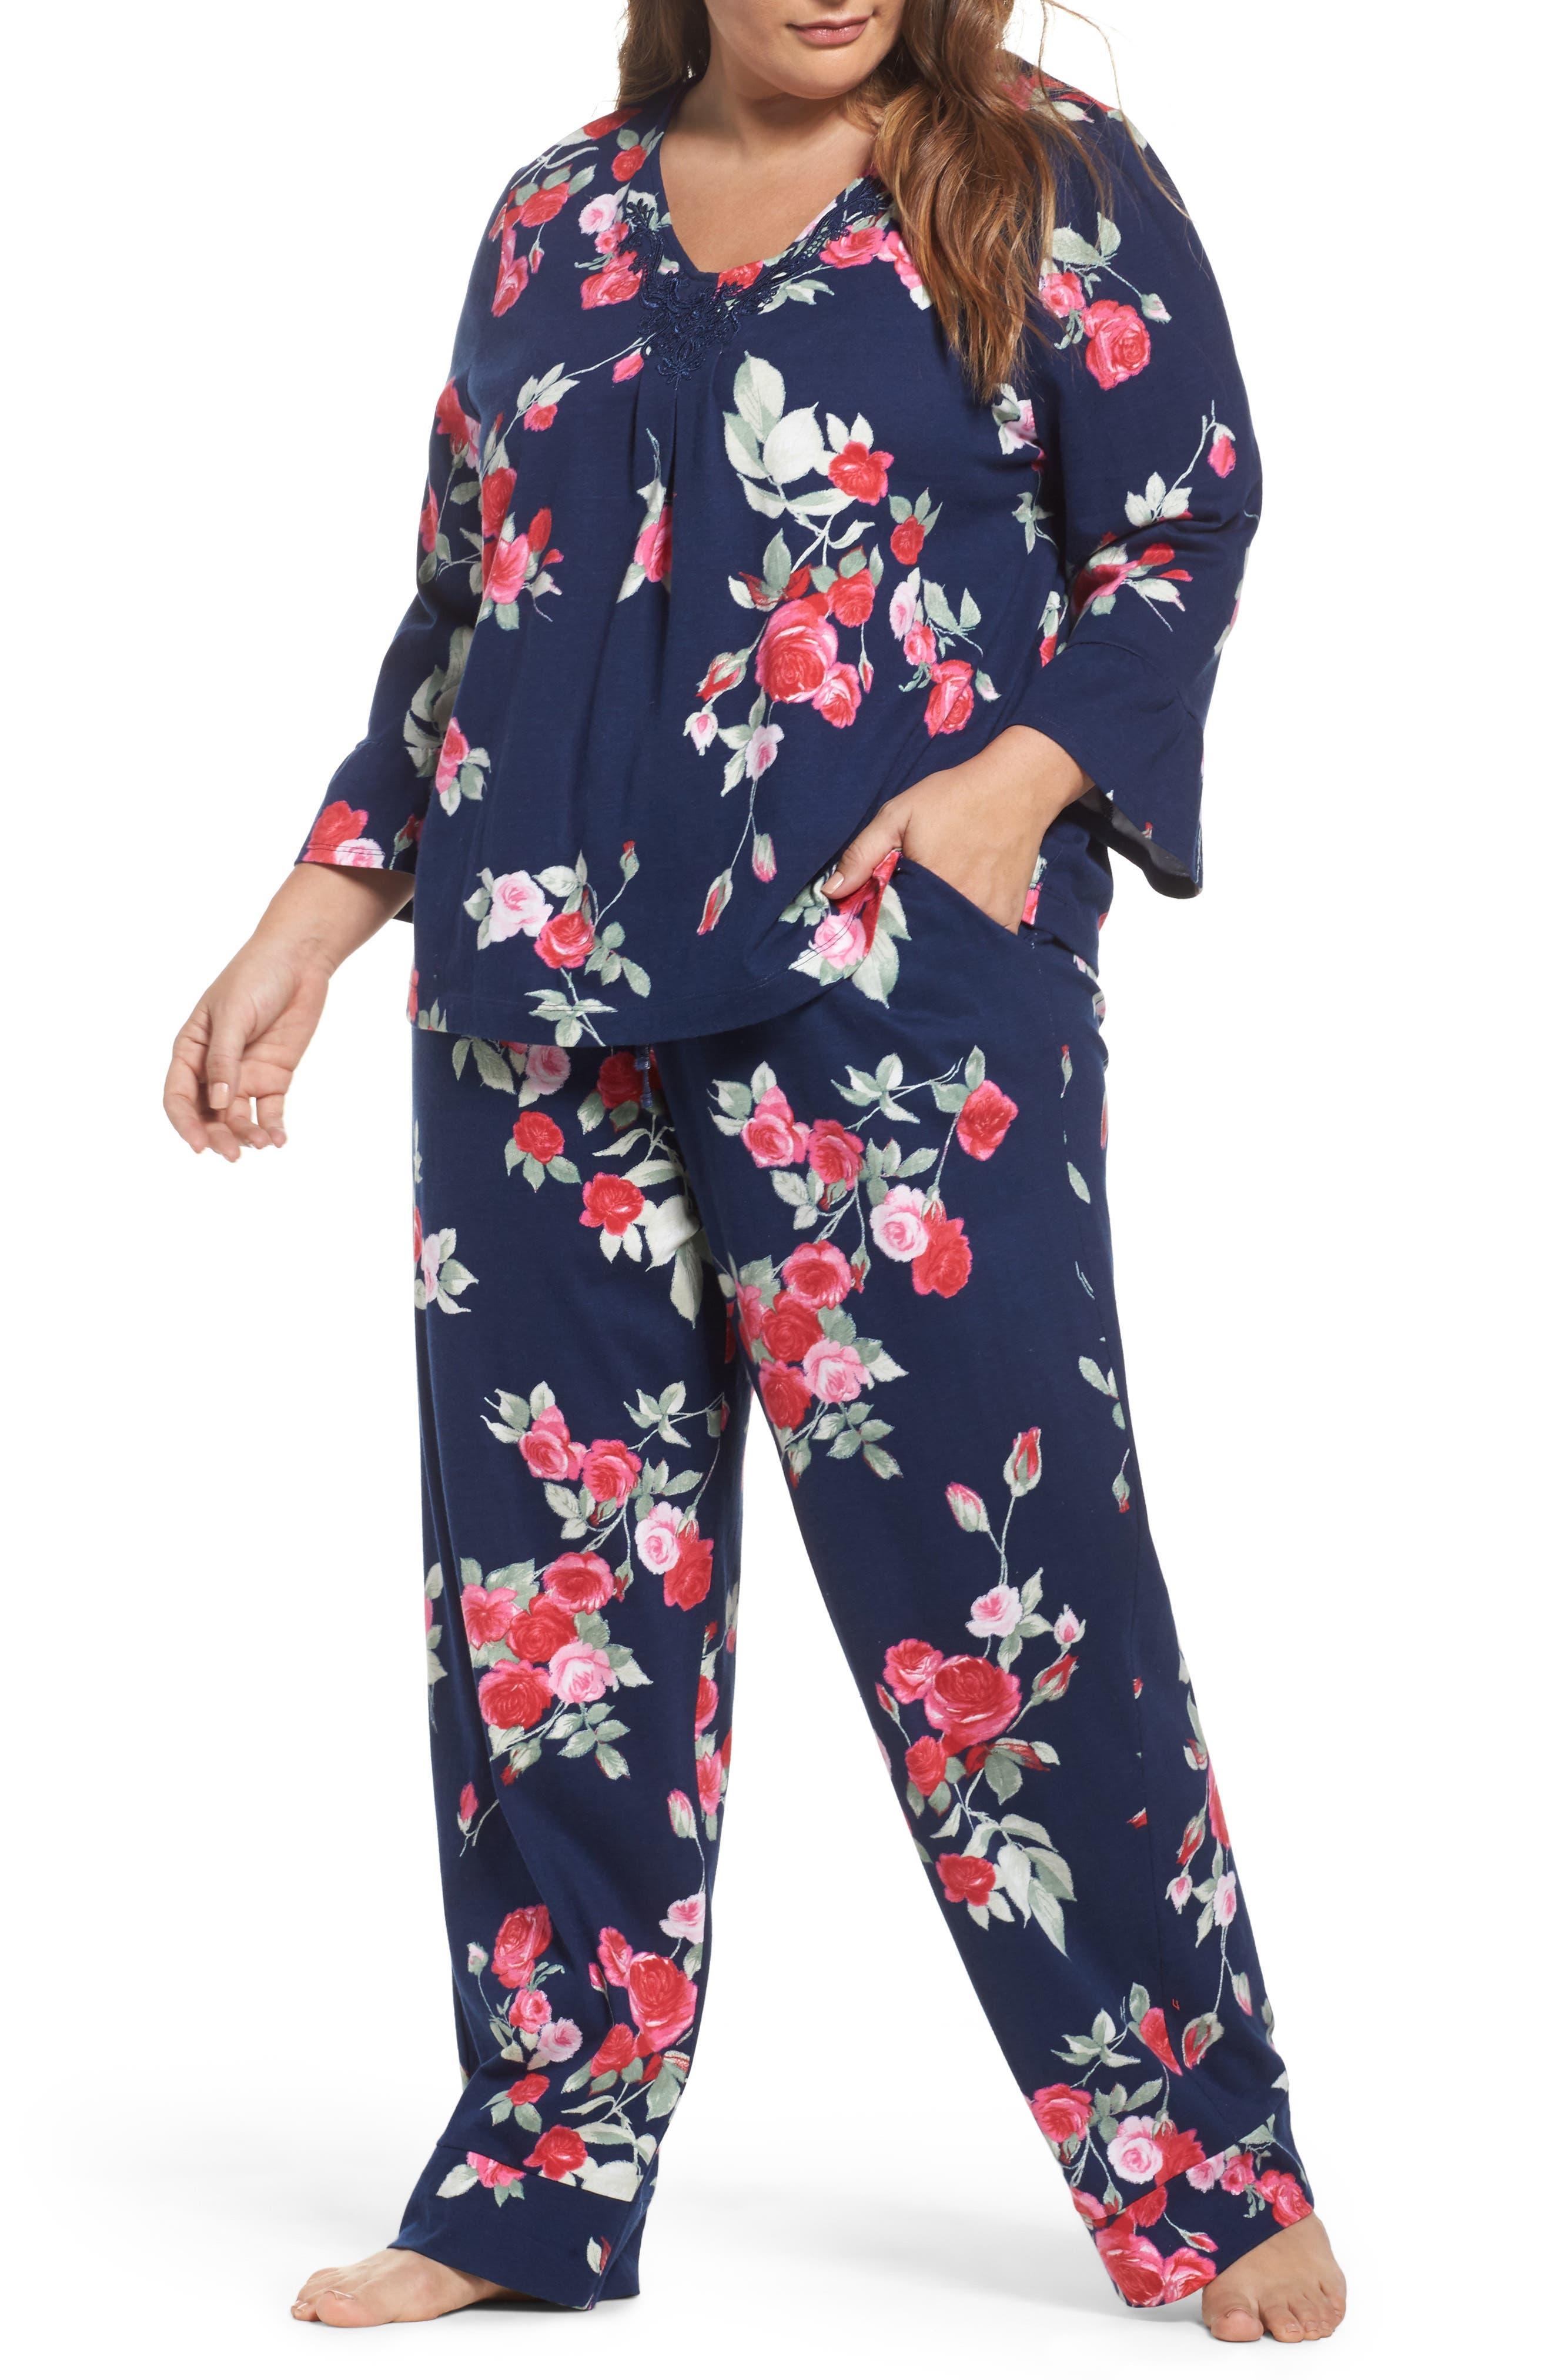 Floral Print Pajamas,                             Main thumbnail 1, color,                             490